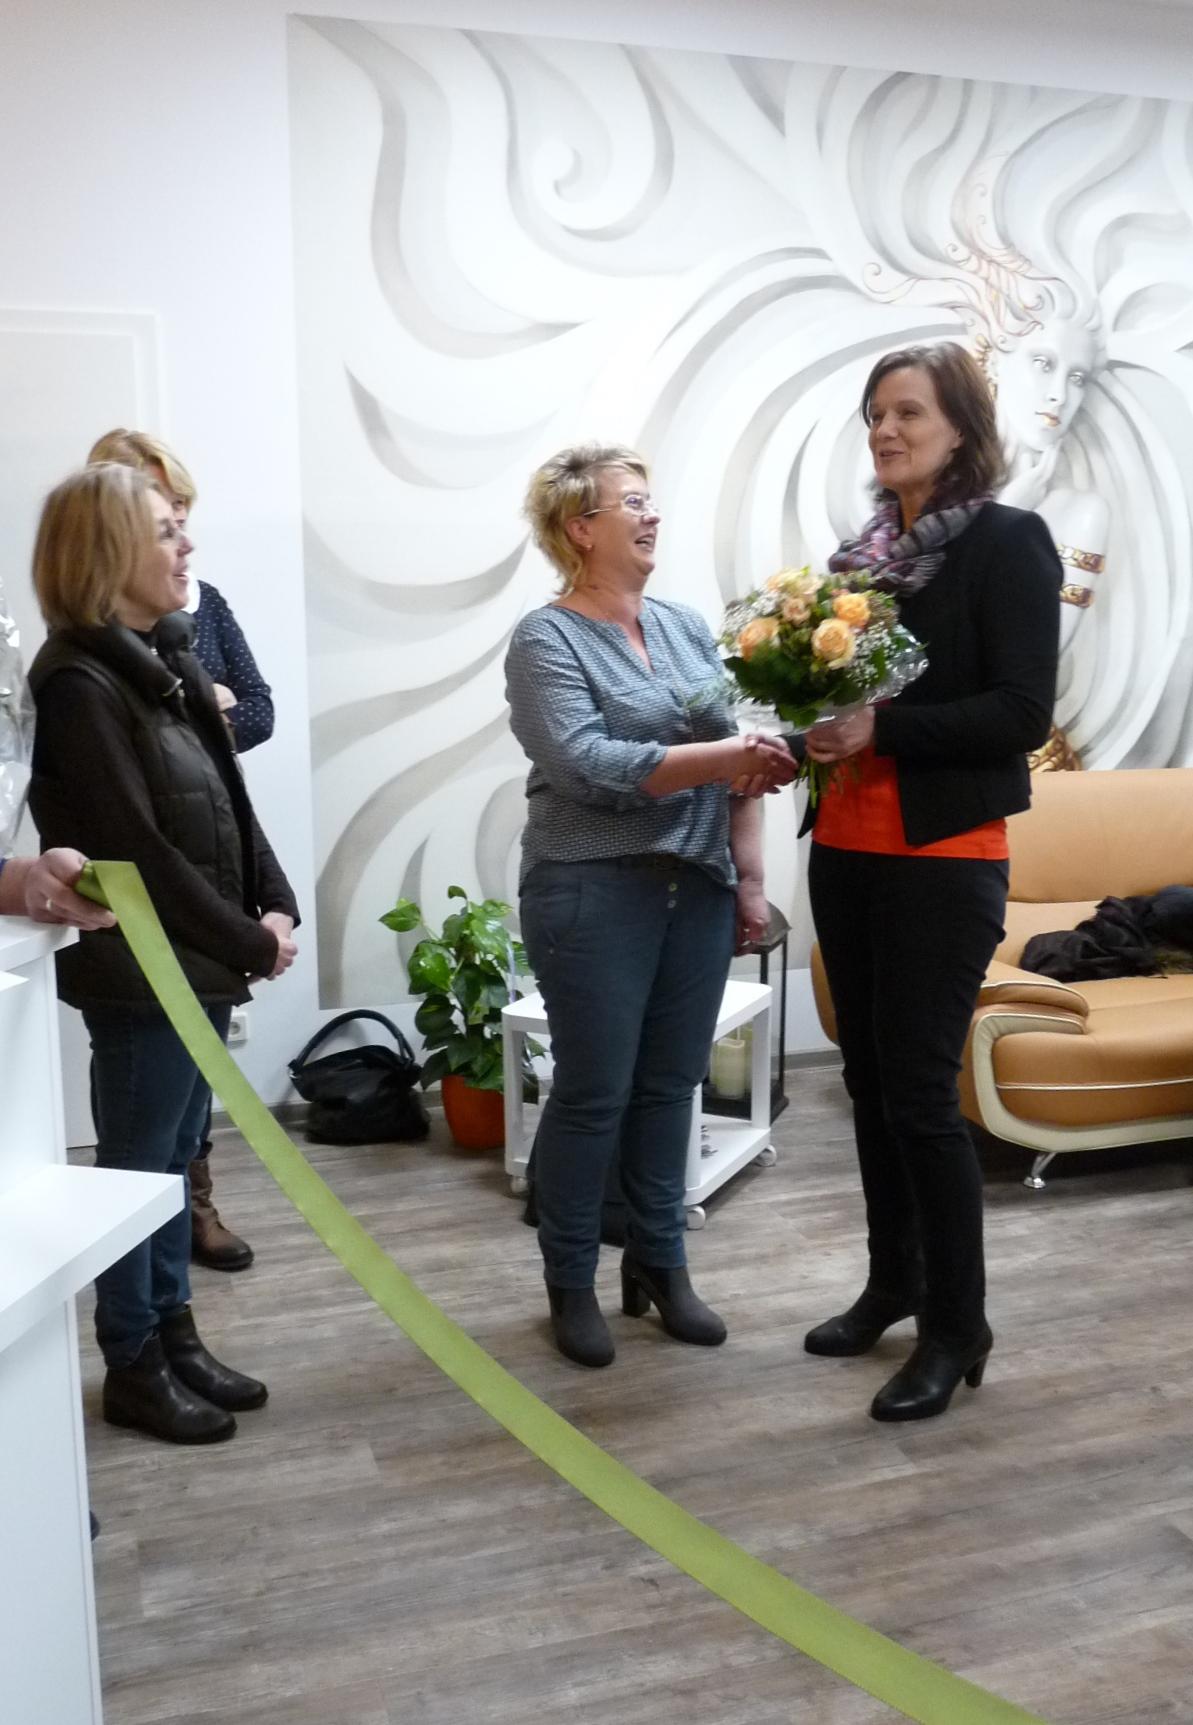 Landrätin und RAG-Vorsitzende Antje Hochwind (re.) gratuliert der Frisörmeisterin Diana Scholz (Mitte) zu ihrem neuen Salon. Mit ihr freuen sich Daniela Ott-Wippern (li.), LEADER-Managerin der RAG Kyffhäuser, und Ingrid Hintz vom ALF Gotha (im Hintergrund)., RAG Kyffhäuser